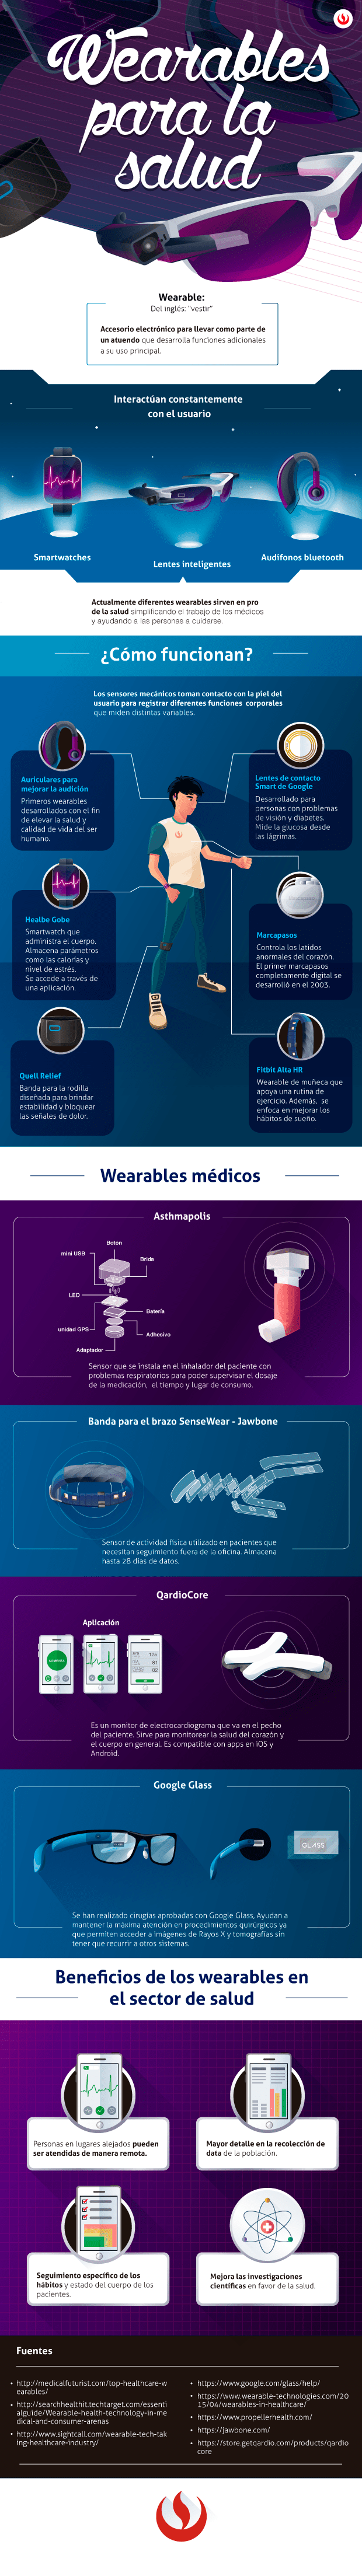 Wearables para la salud